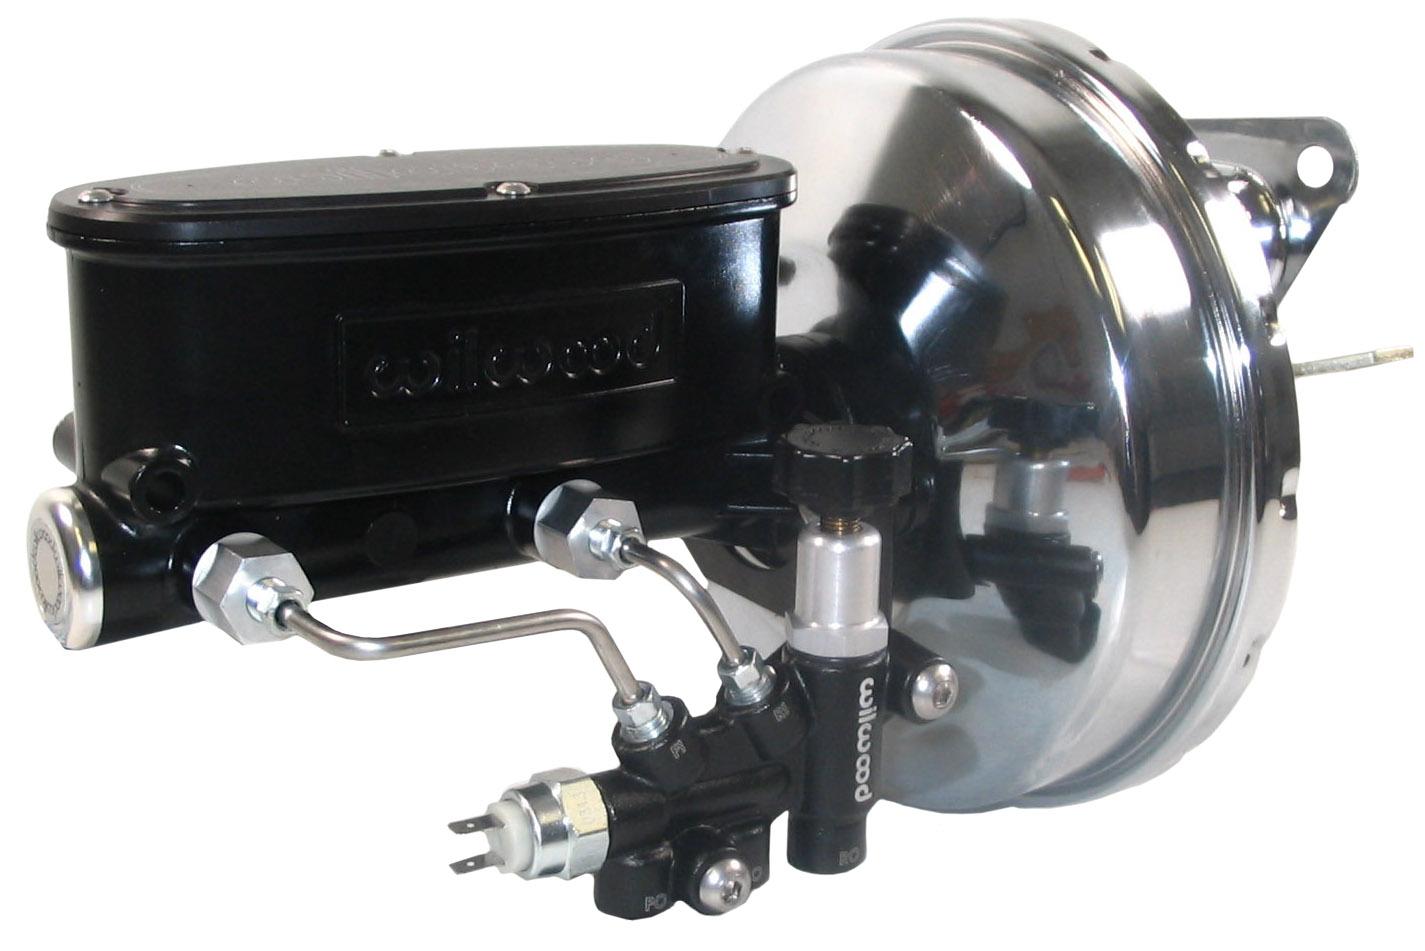 new power brake booster wilwood black master cylinder. Black Bedroom Furniture Sets. Home Design Ideas